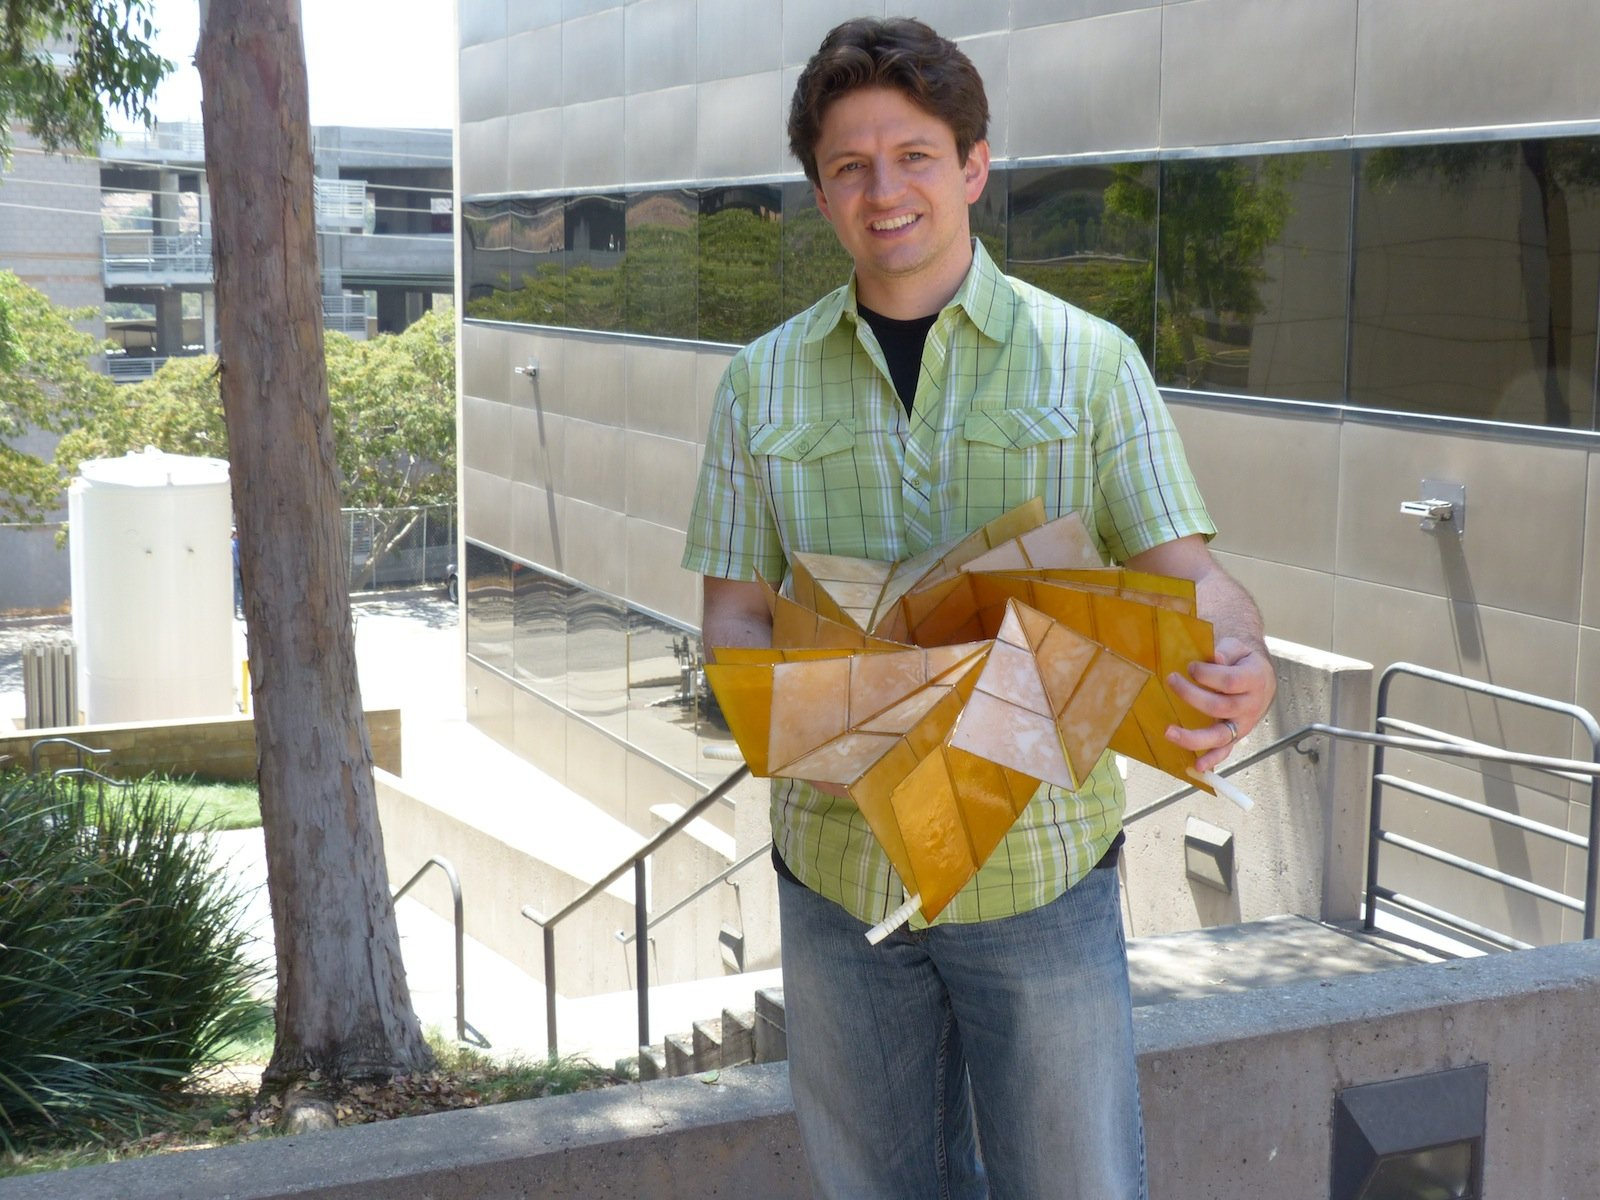 NASA-Forscher Brian Trease hat die Papierfalttechniken aus der alten japanischen Origami-Kunst mit Hilfe von Kollegen auf das steifere Material der Solarzellen übertragen.